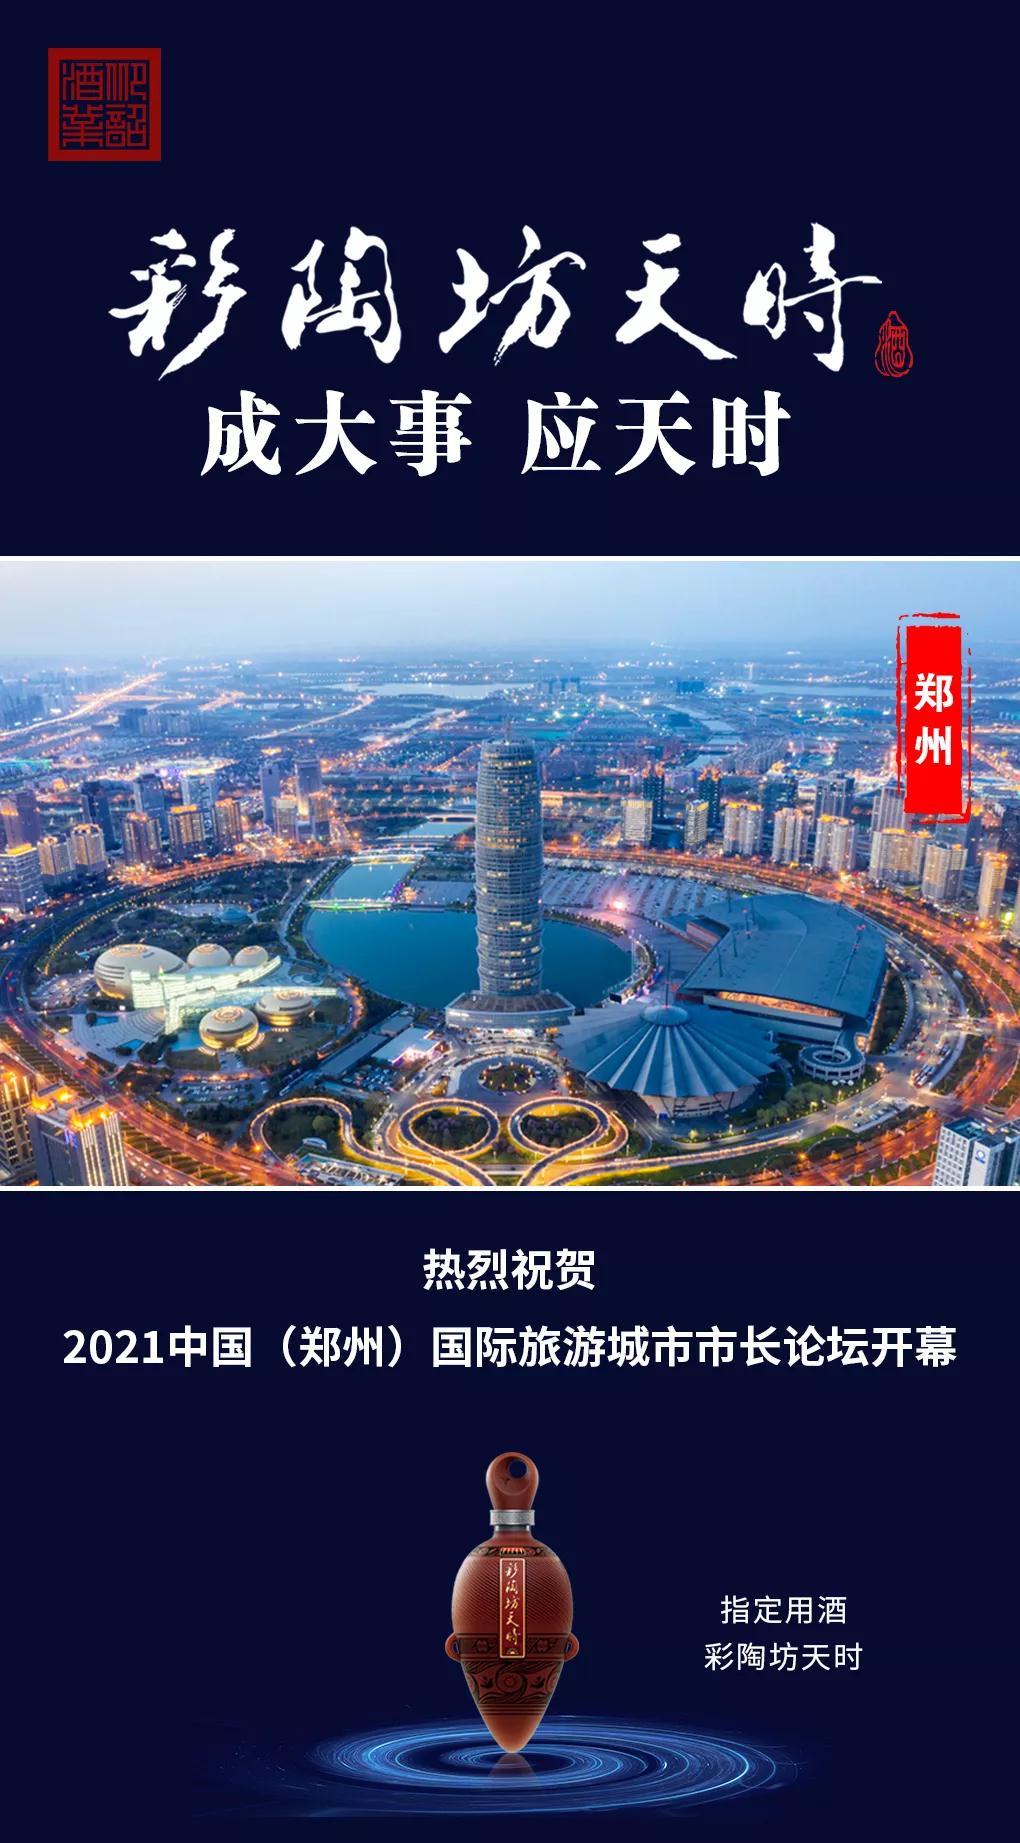 彩陶坊天时:祝贺2021中国(郑州)国际旅游城市市长论坛开幕